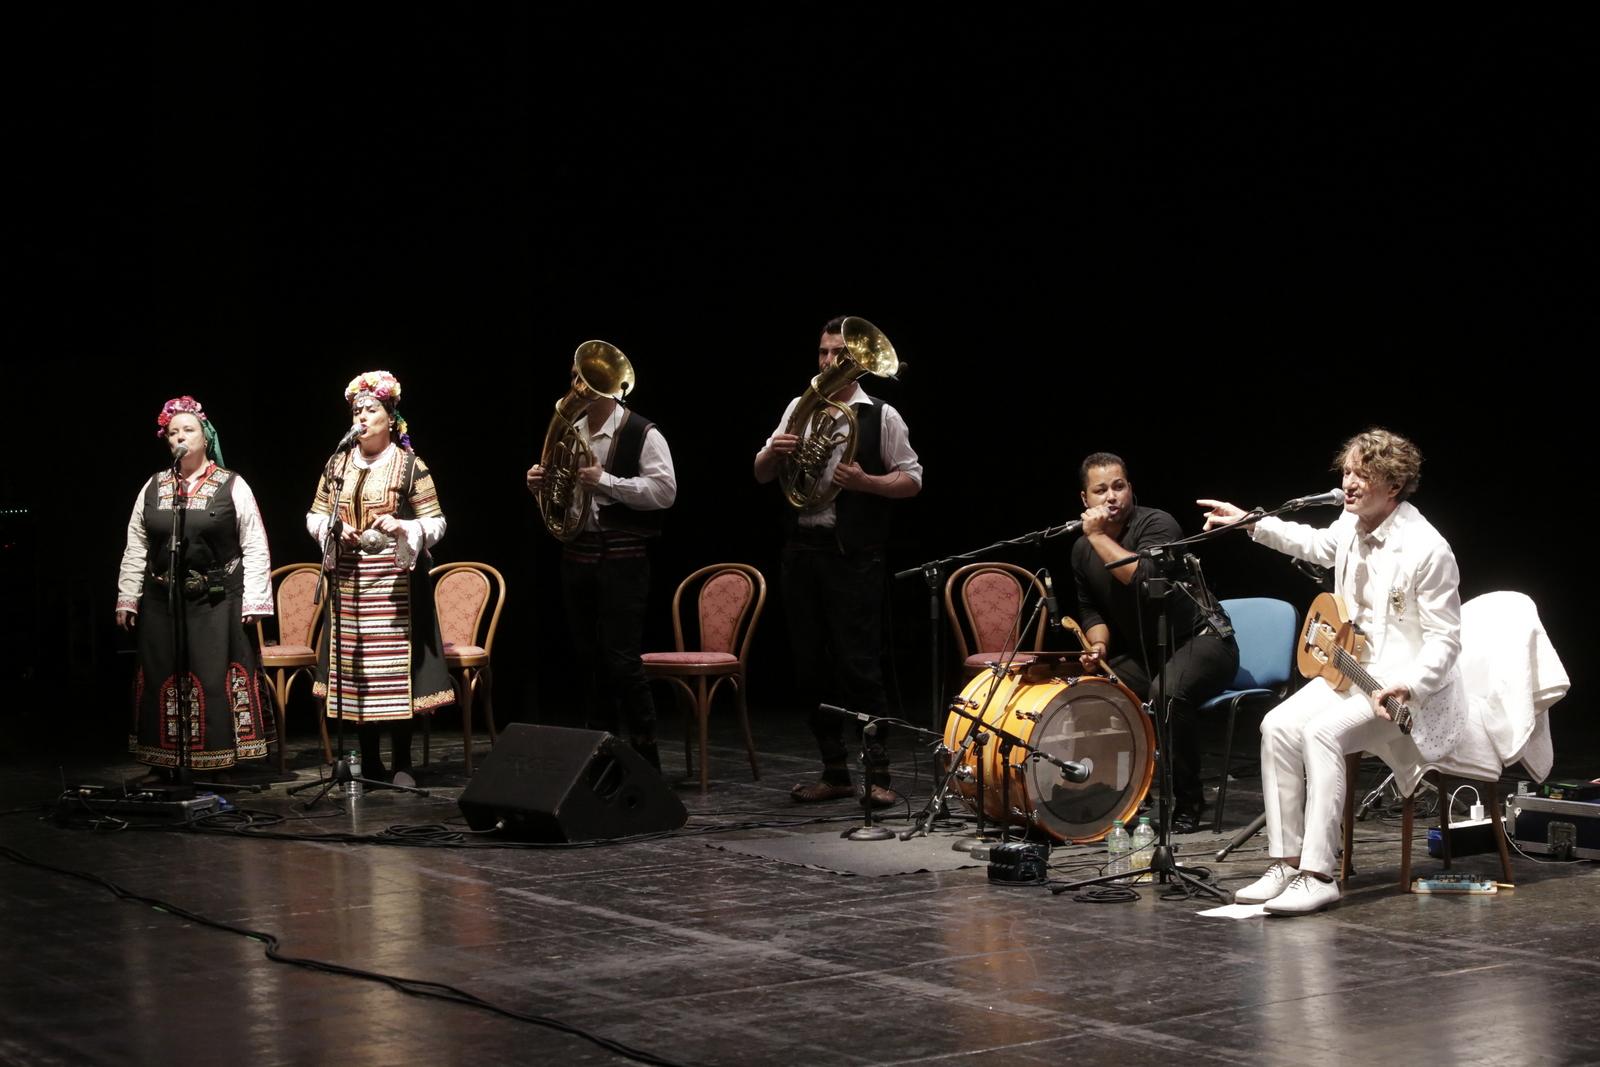 Catanzaro, Goran Bregovic seduce il Politeama  Successo per il concerto nell'ambito del Festival D'autunno